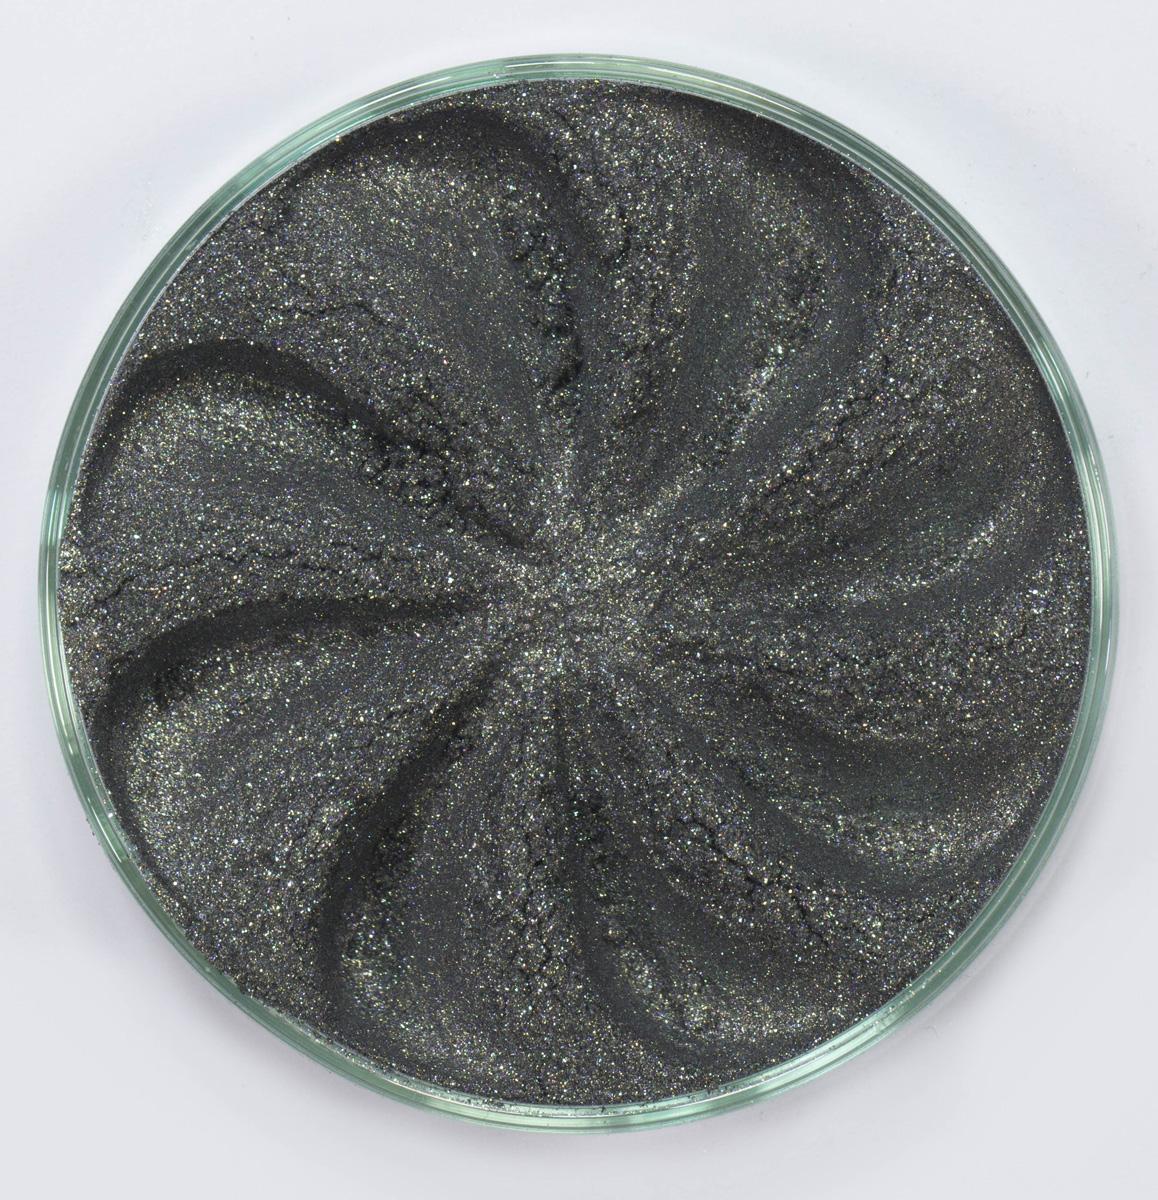 Era Minerals Минеральные Тени для век Frost тон F54 (графитовый с бензиновым мультиблеском), 4 млEYF54Тени для век Frost в своем покрытии и исполнении варьируются от мерцающих и морозных до ослепляющих словно блеск снежного кристалла. Яркие, уникальные и многоуровневые оттенки этой формулы с неотразимым эффектом прерывистого света подчеркнут красоту любых глаз. Сильные и яркие минеральные пигменты Можно наносить как влажным, так и сухим способом Без отдушек и содержания масел, для всех типов кожи Дерматологически протестировано, не аллергенно Не тестировано на животных Вес нетто 1г (стандартный размер)